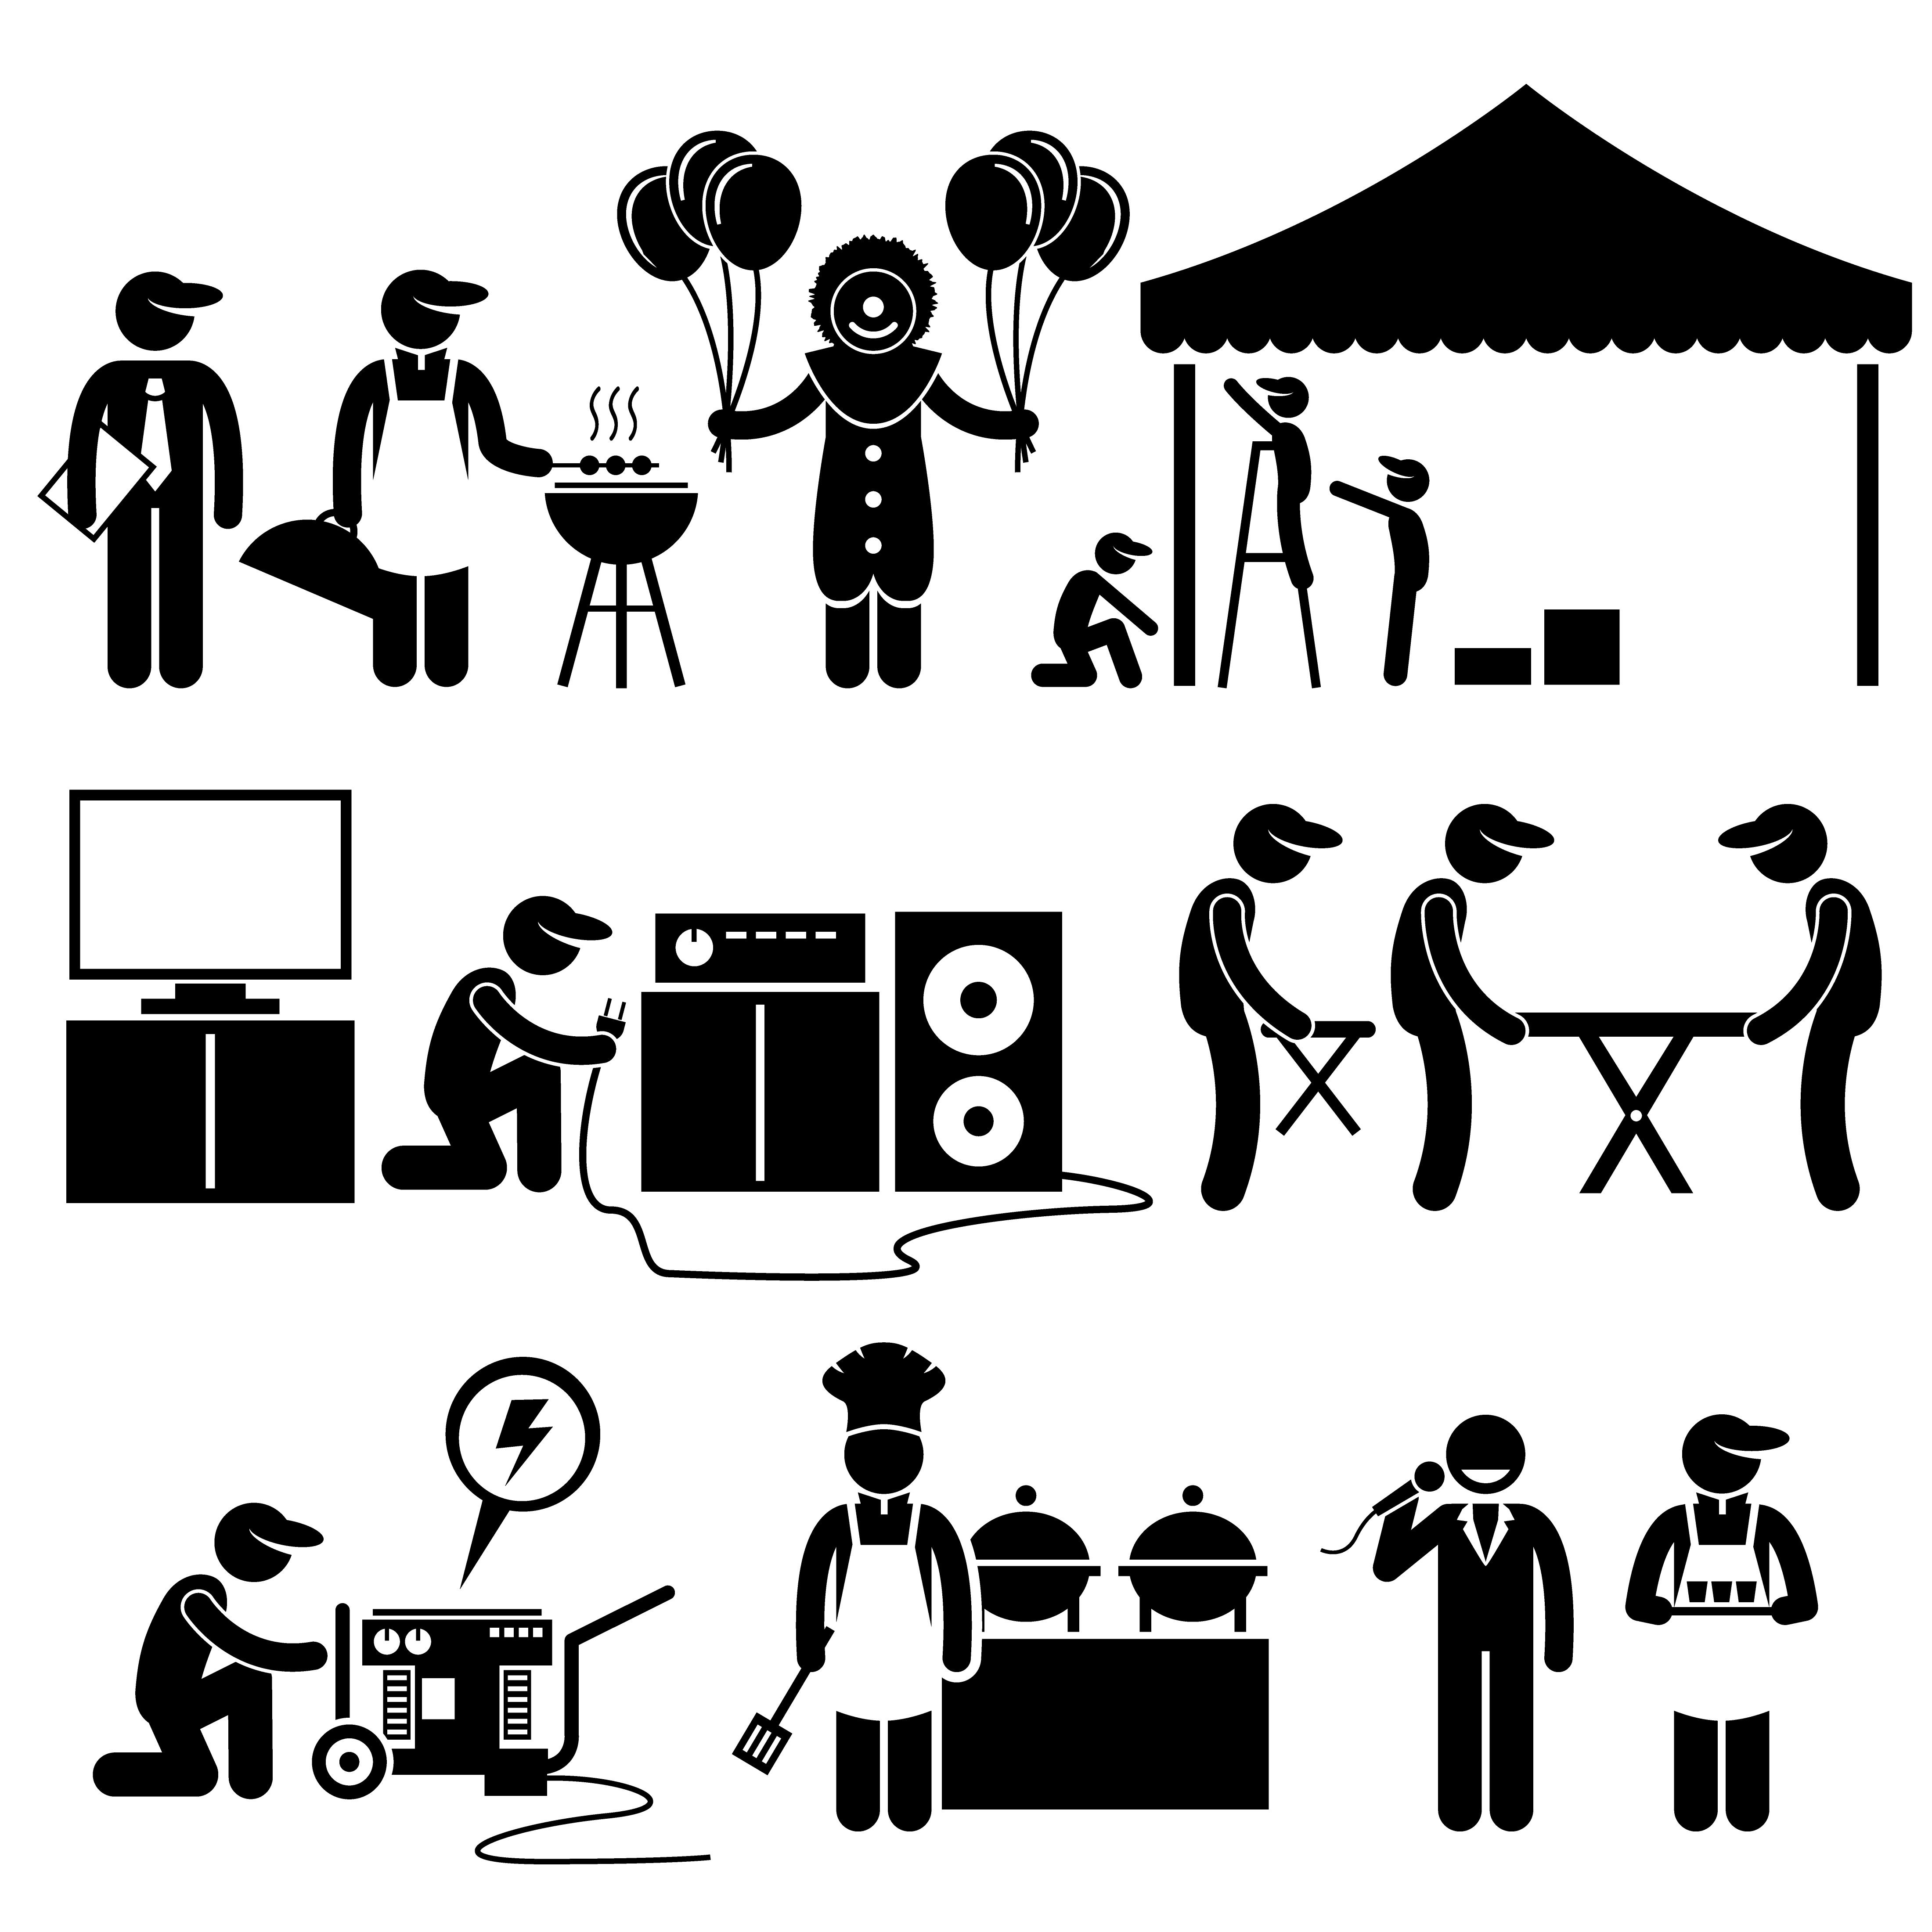 Celebration Party Festival Event Services Stick Figure